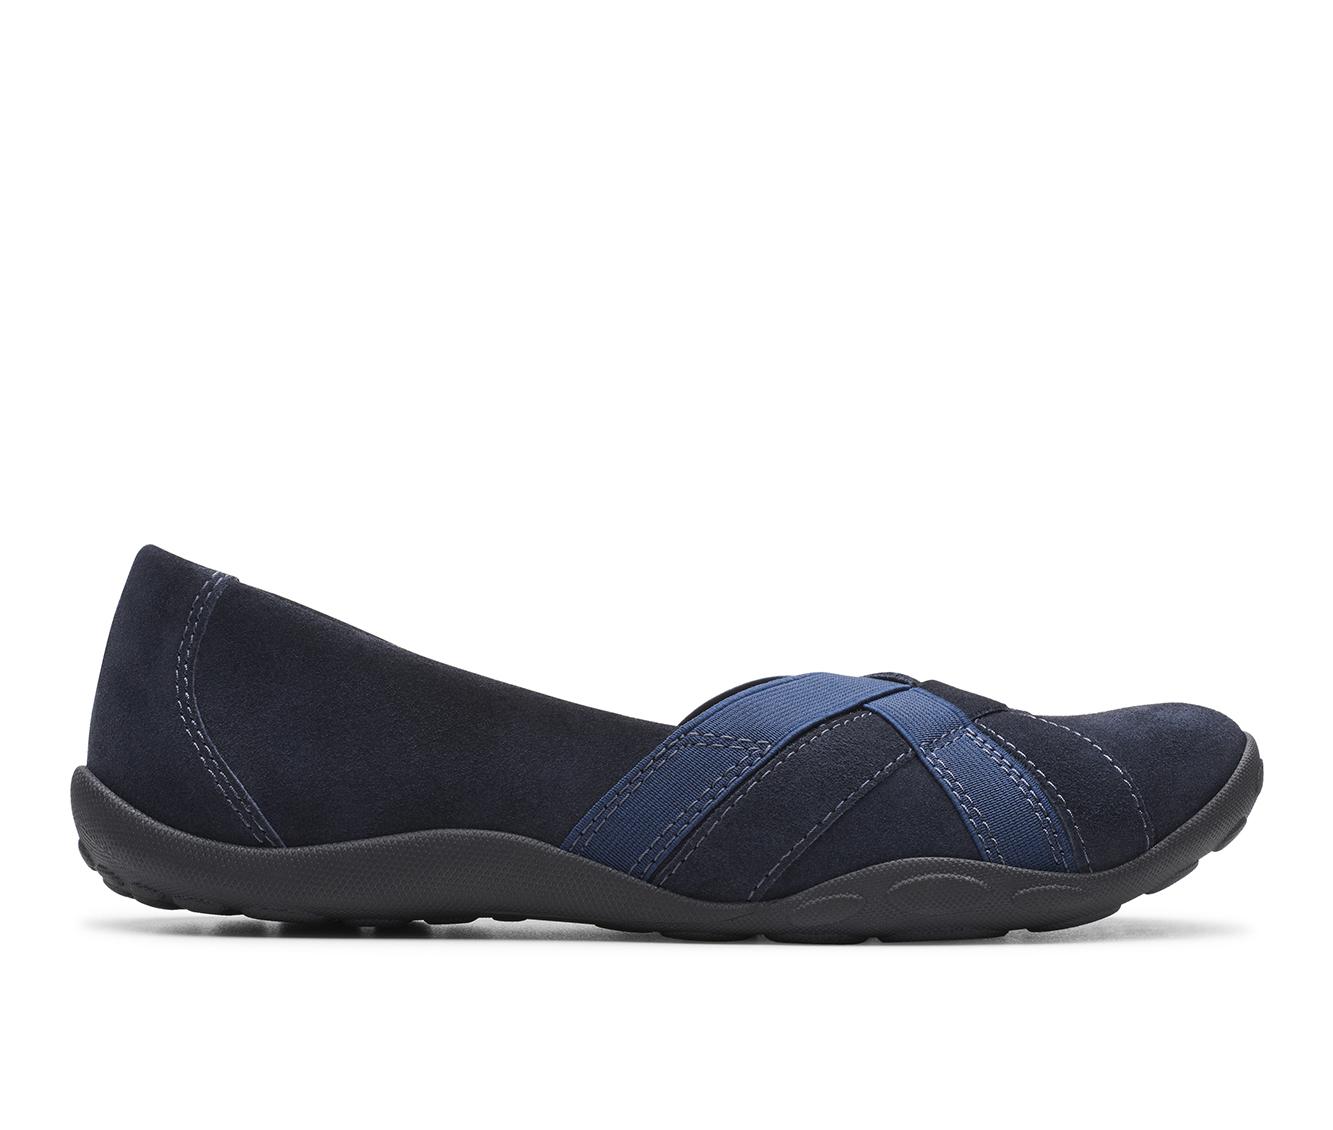 Clarks Haley Jay Women's Shoe (Blue Suede)